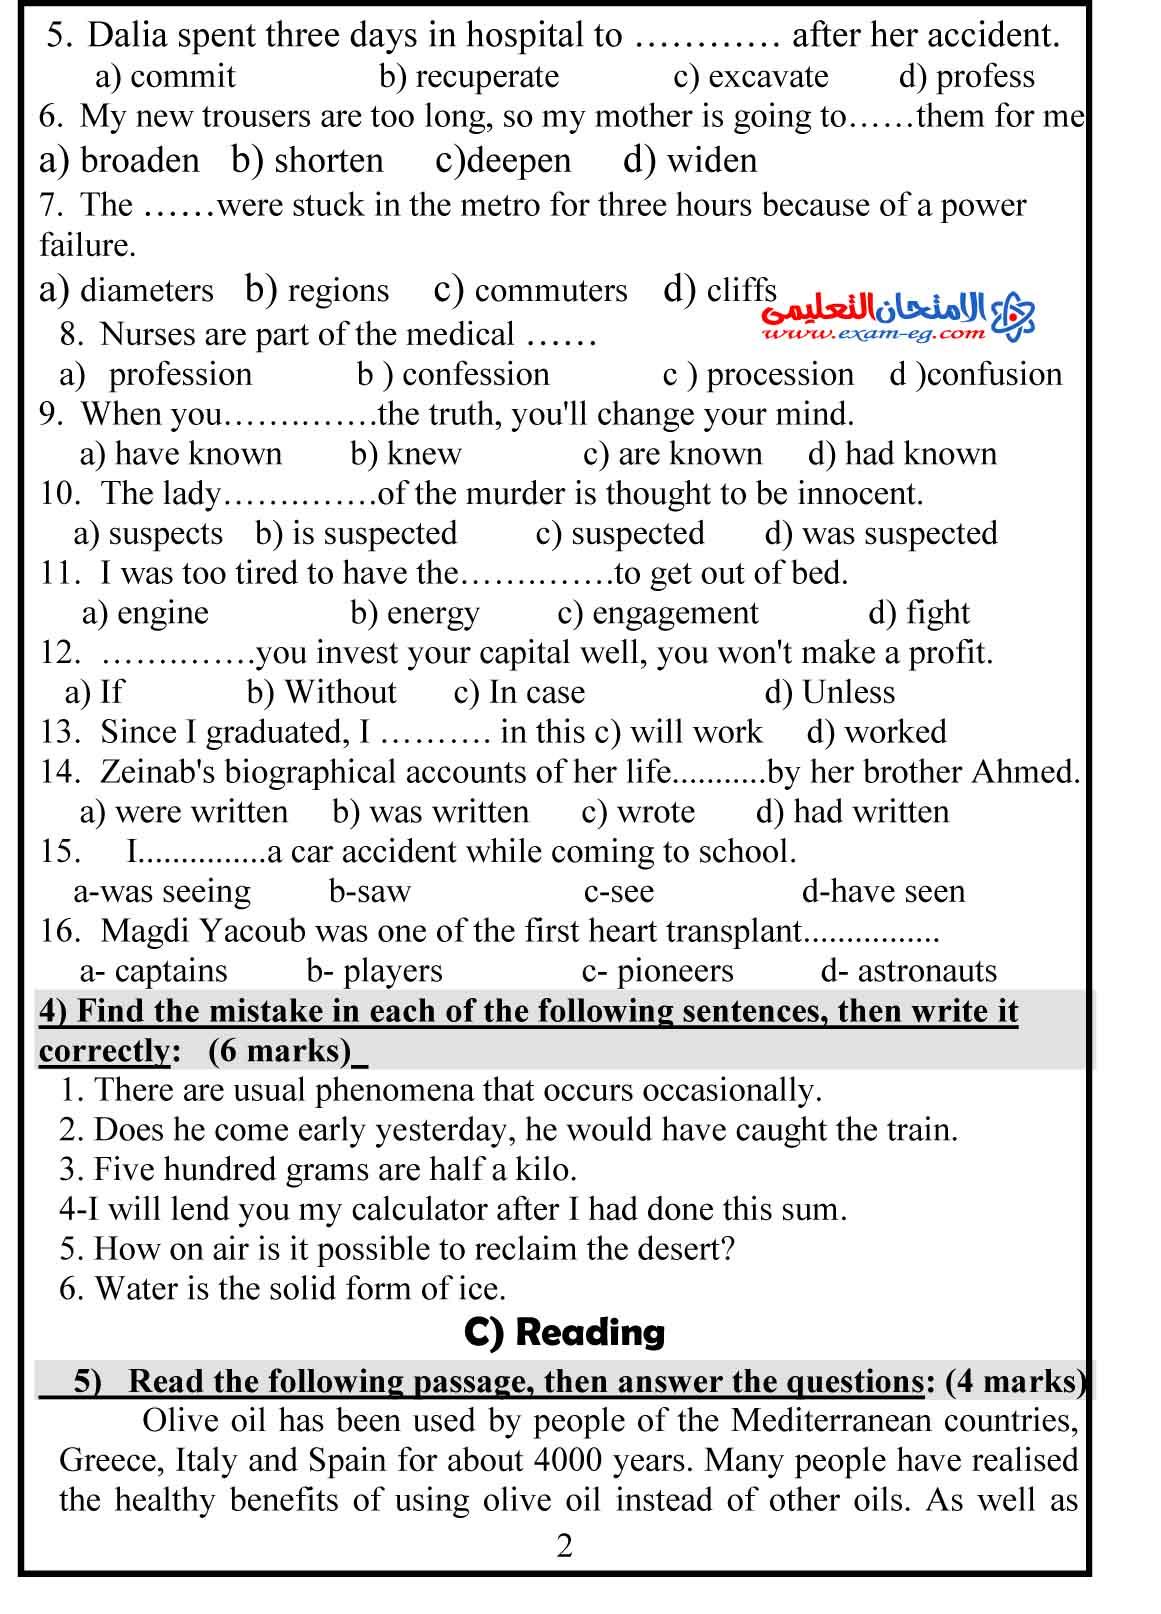 امتحان لغة انجليزية 2 - الامتحان التعليمى-2